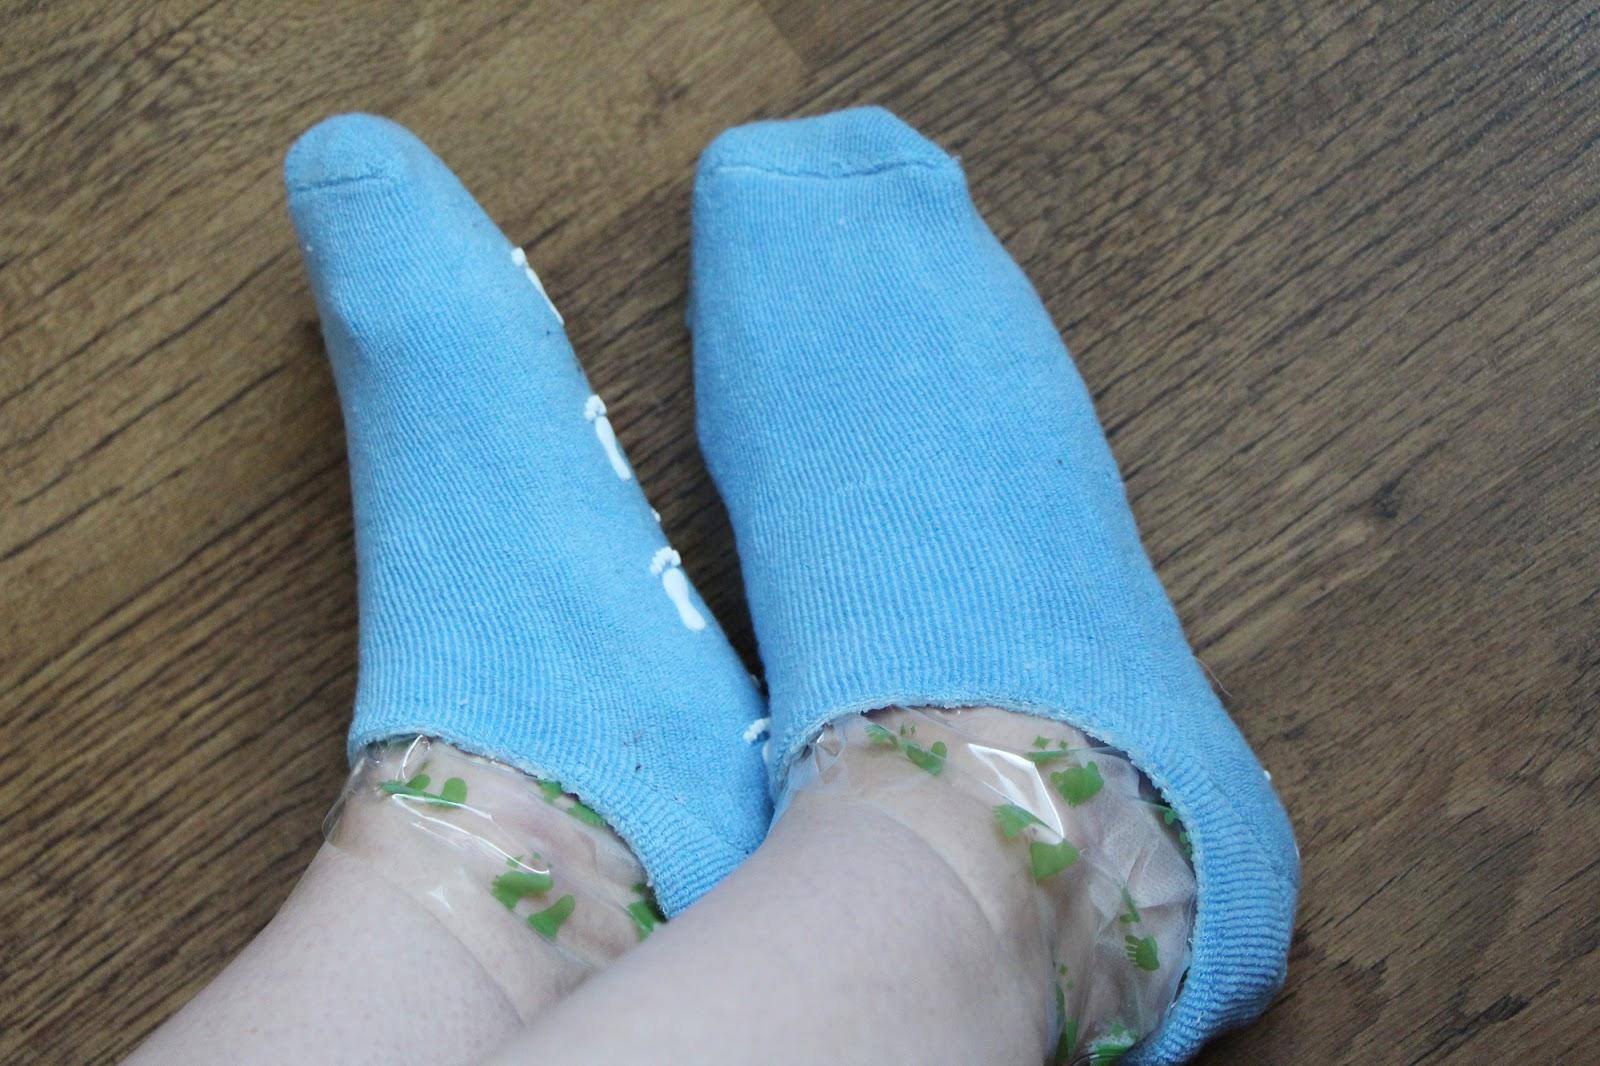 Как сделать носки для ног